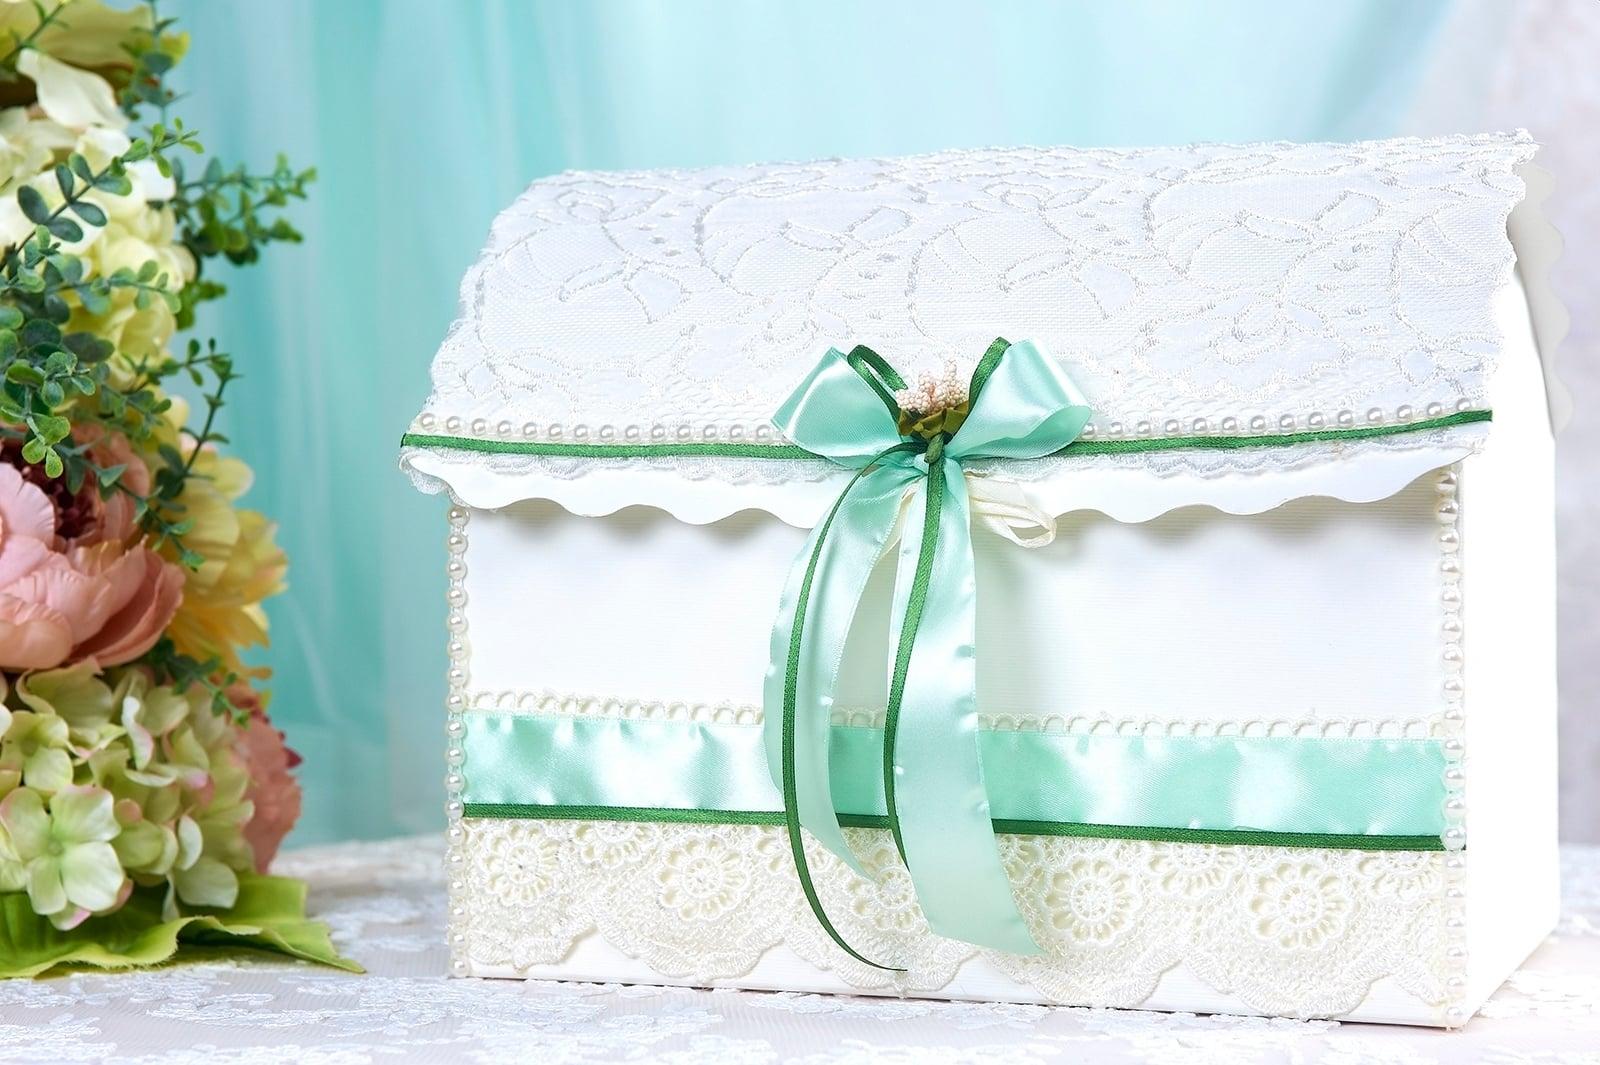 Белая свадебная корзинка, украшенная кружевом и салатовой лентой.